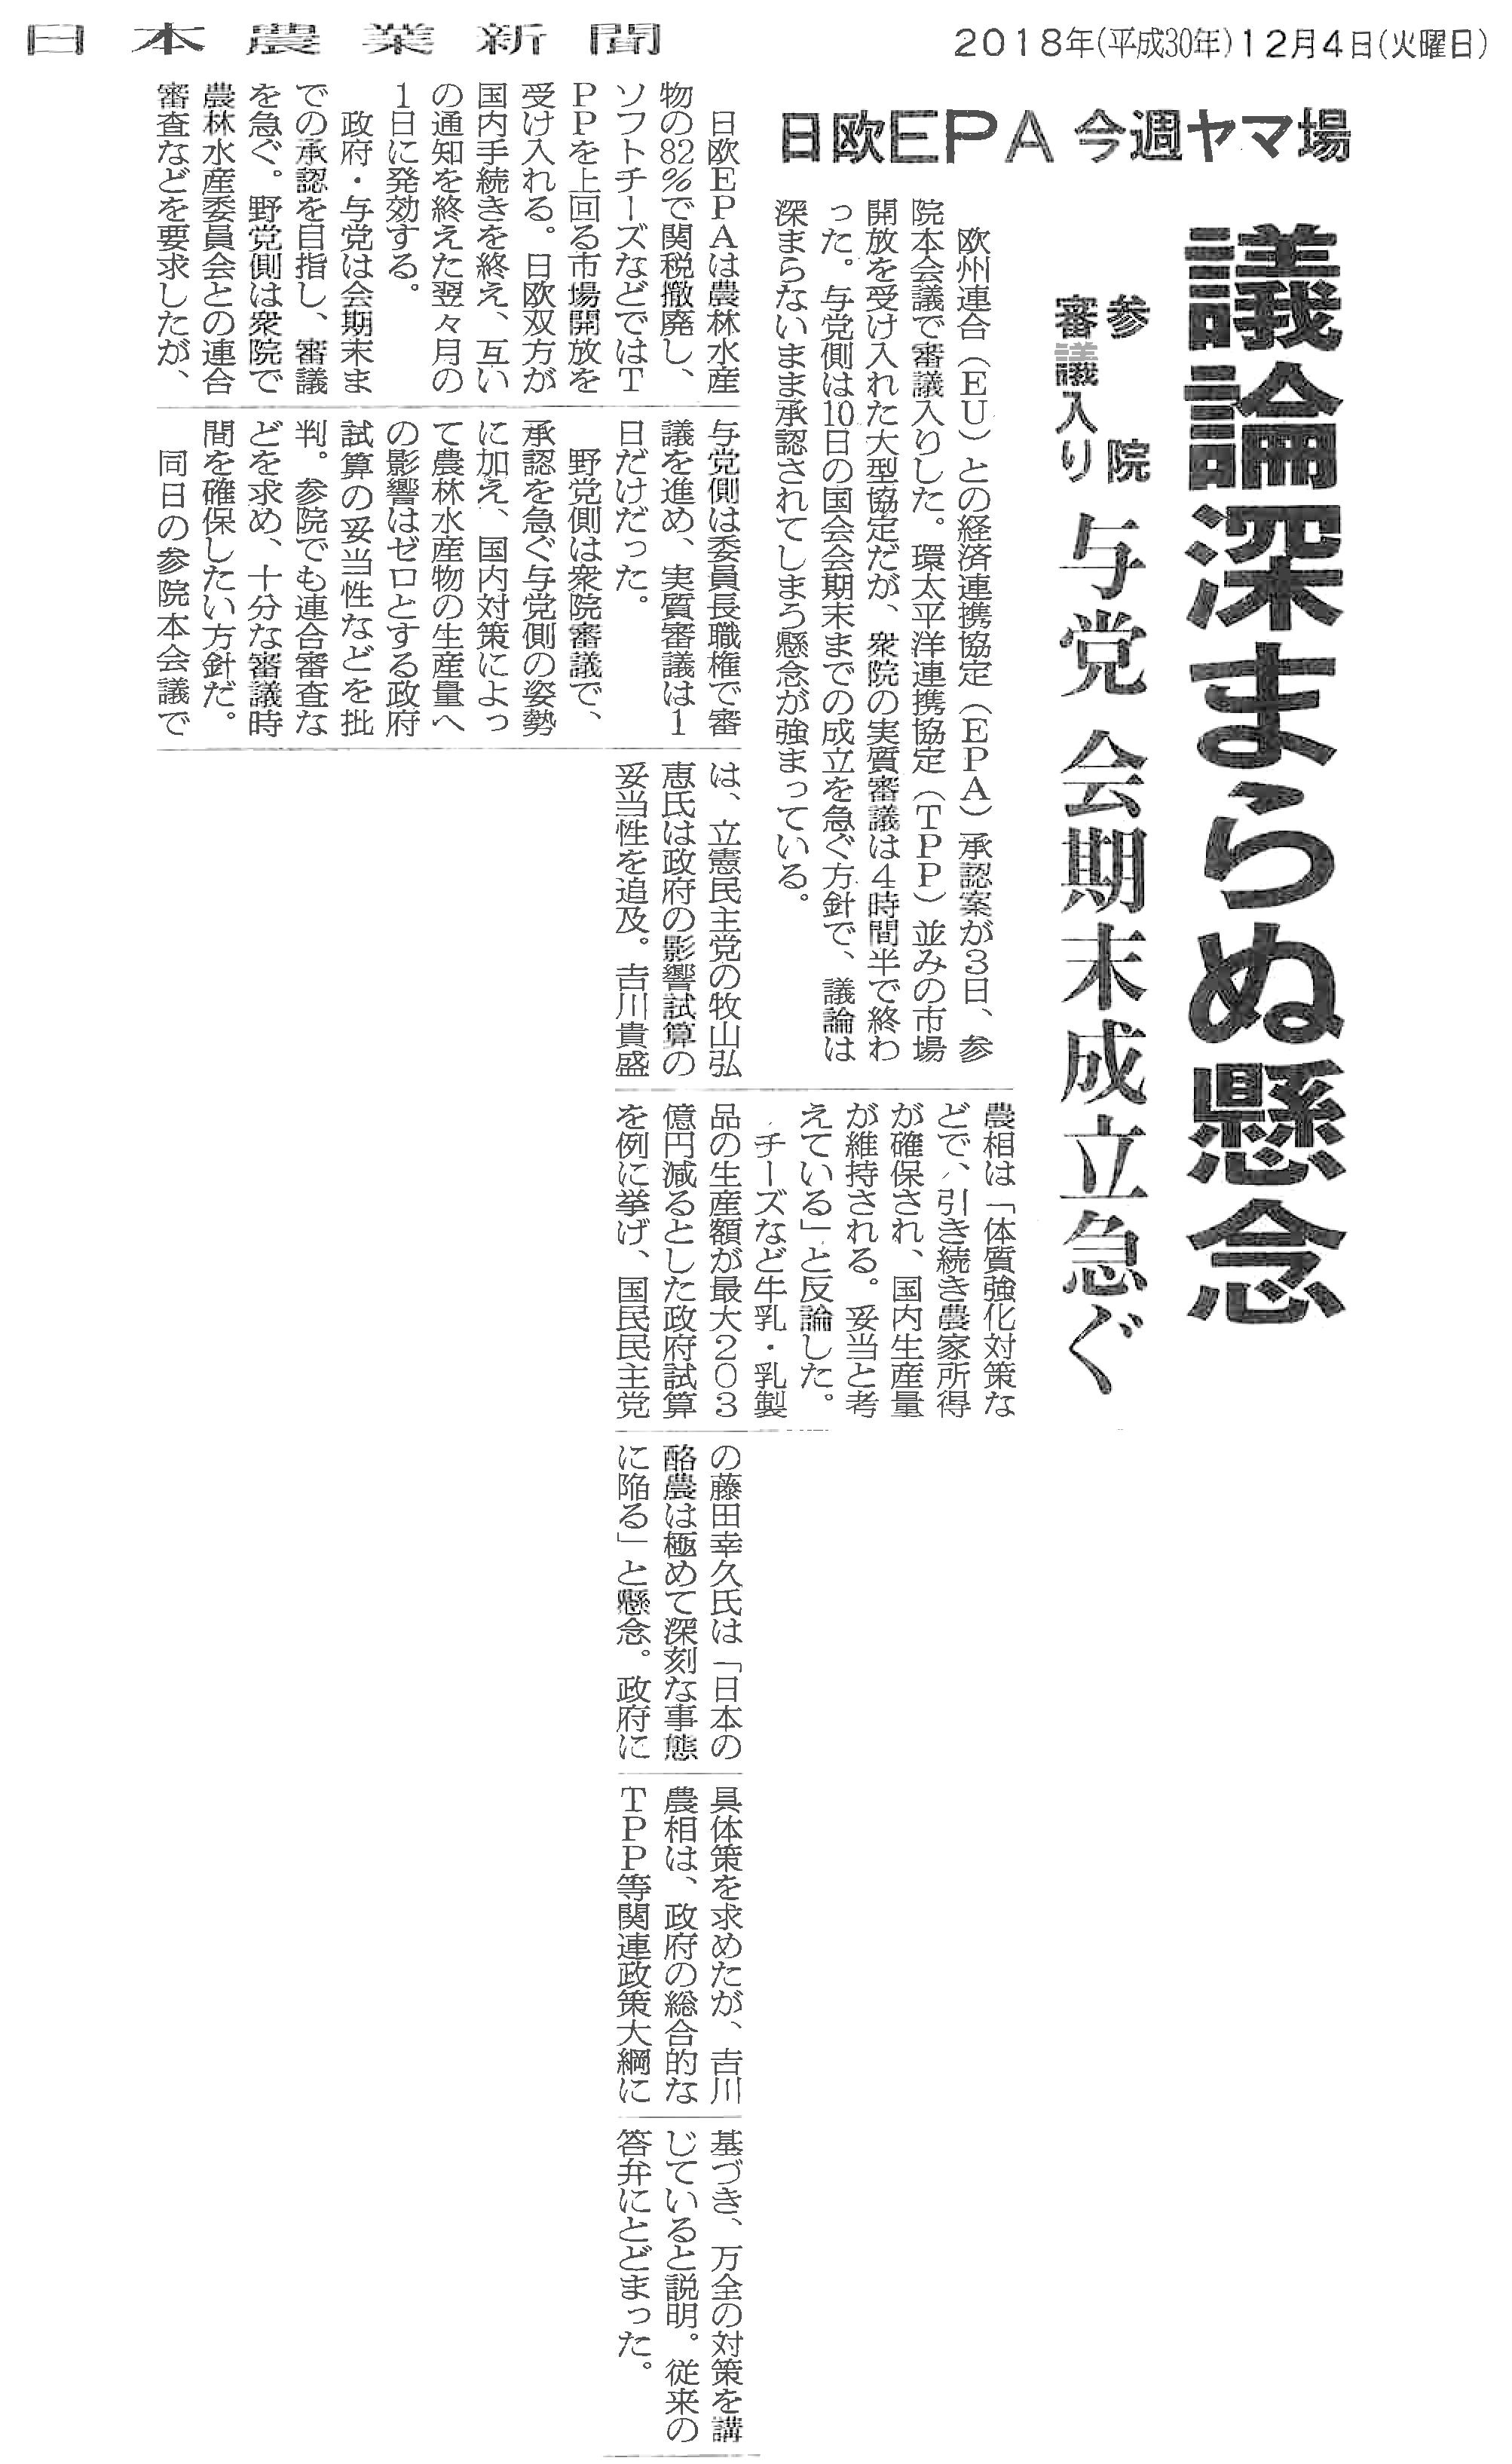 【日本農業新聞】日欧EPA今週ヤマ場 議論深まらぬ懸念 参院審議入り 与党 会期末成立急ぐ